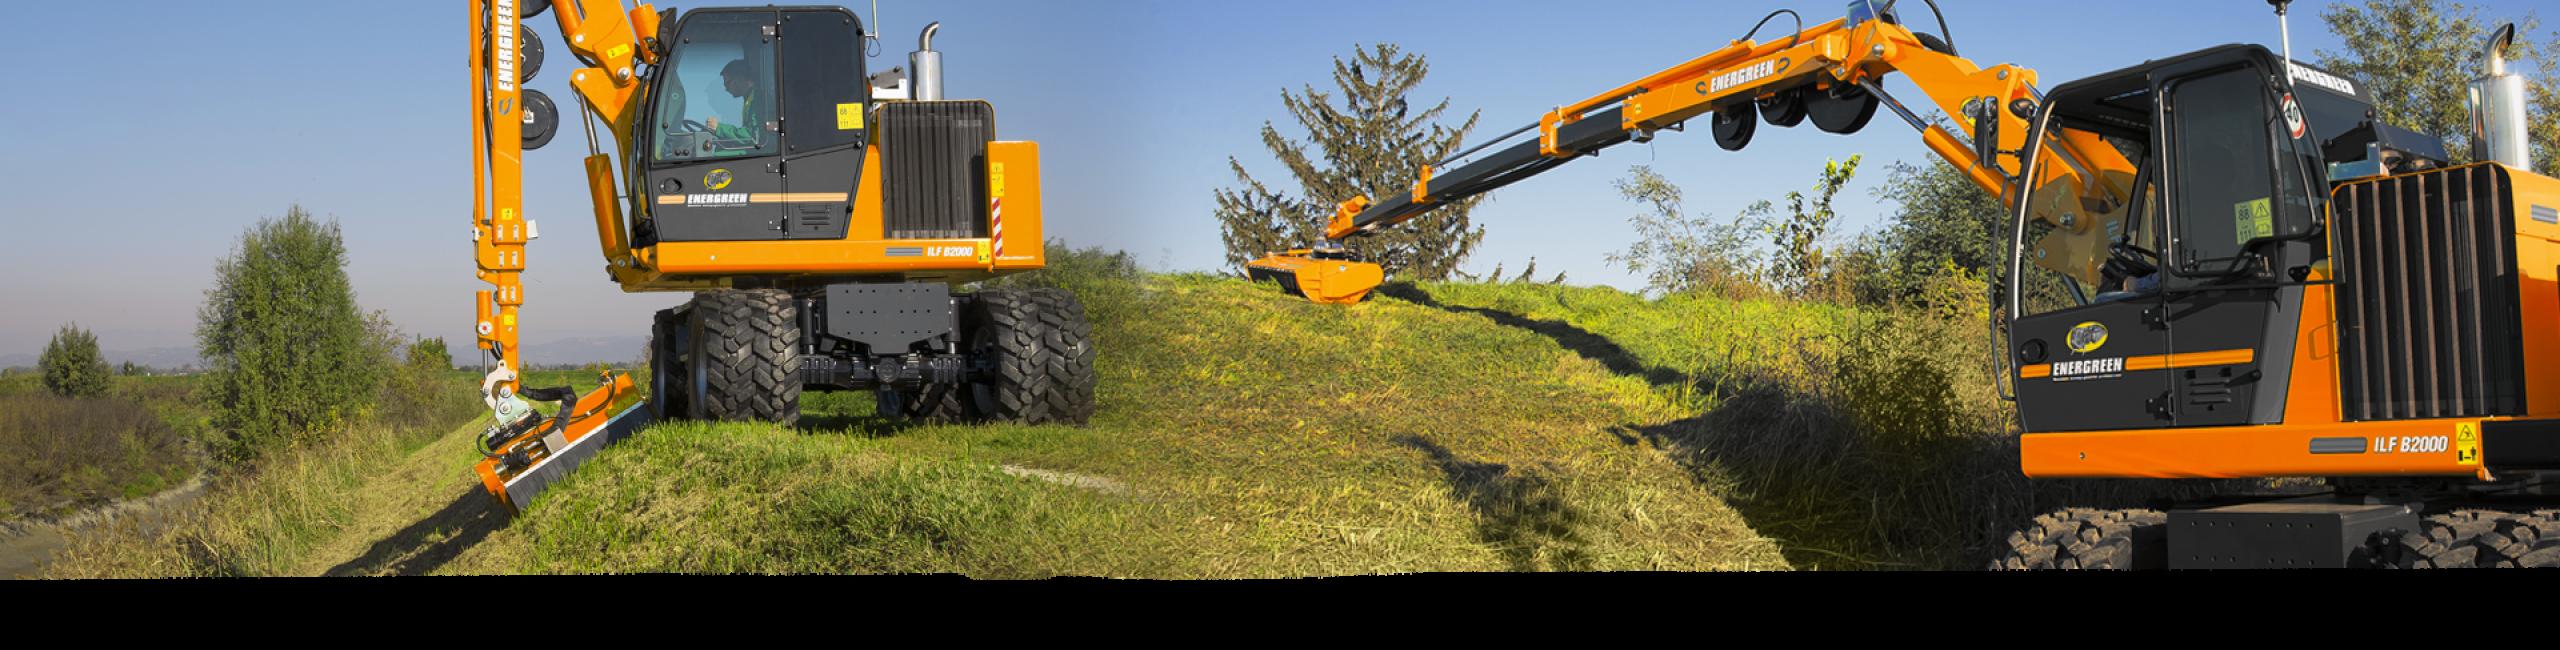 ilf b2000 - ausleger 17 m - multifunktionalitaet maschinen - die technik fur die profis in der grunpflege